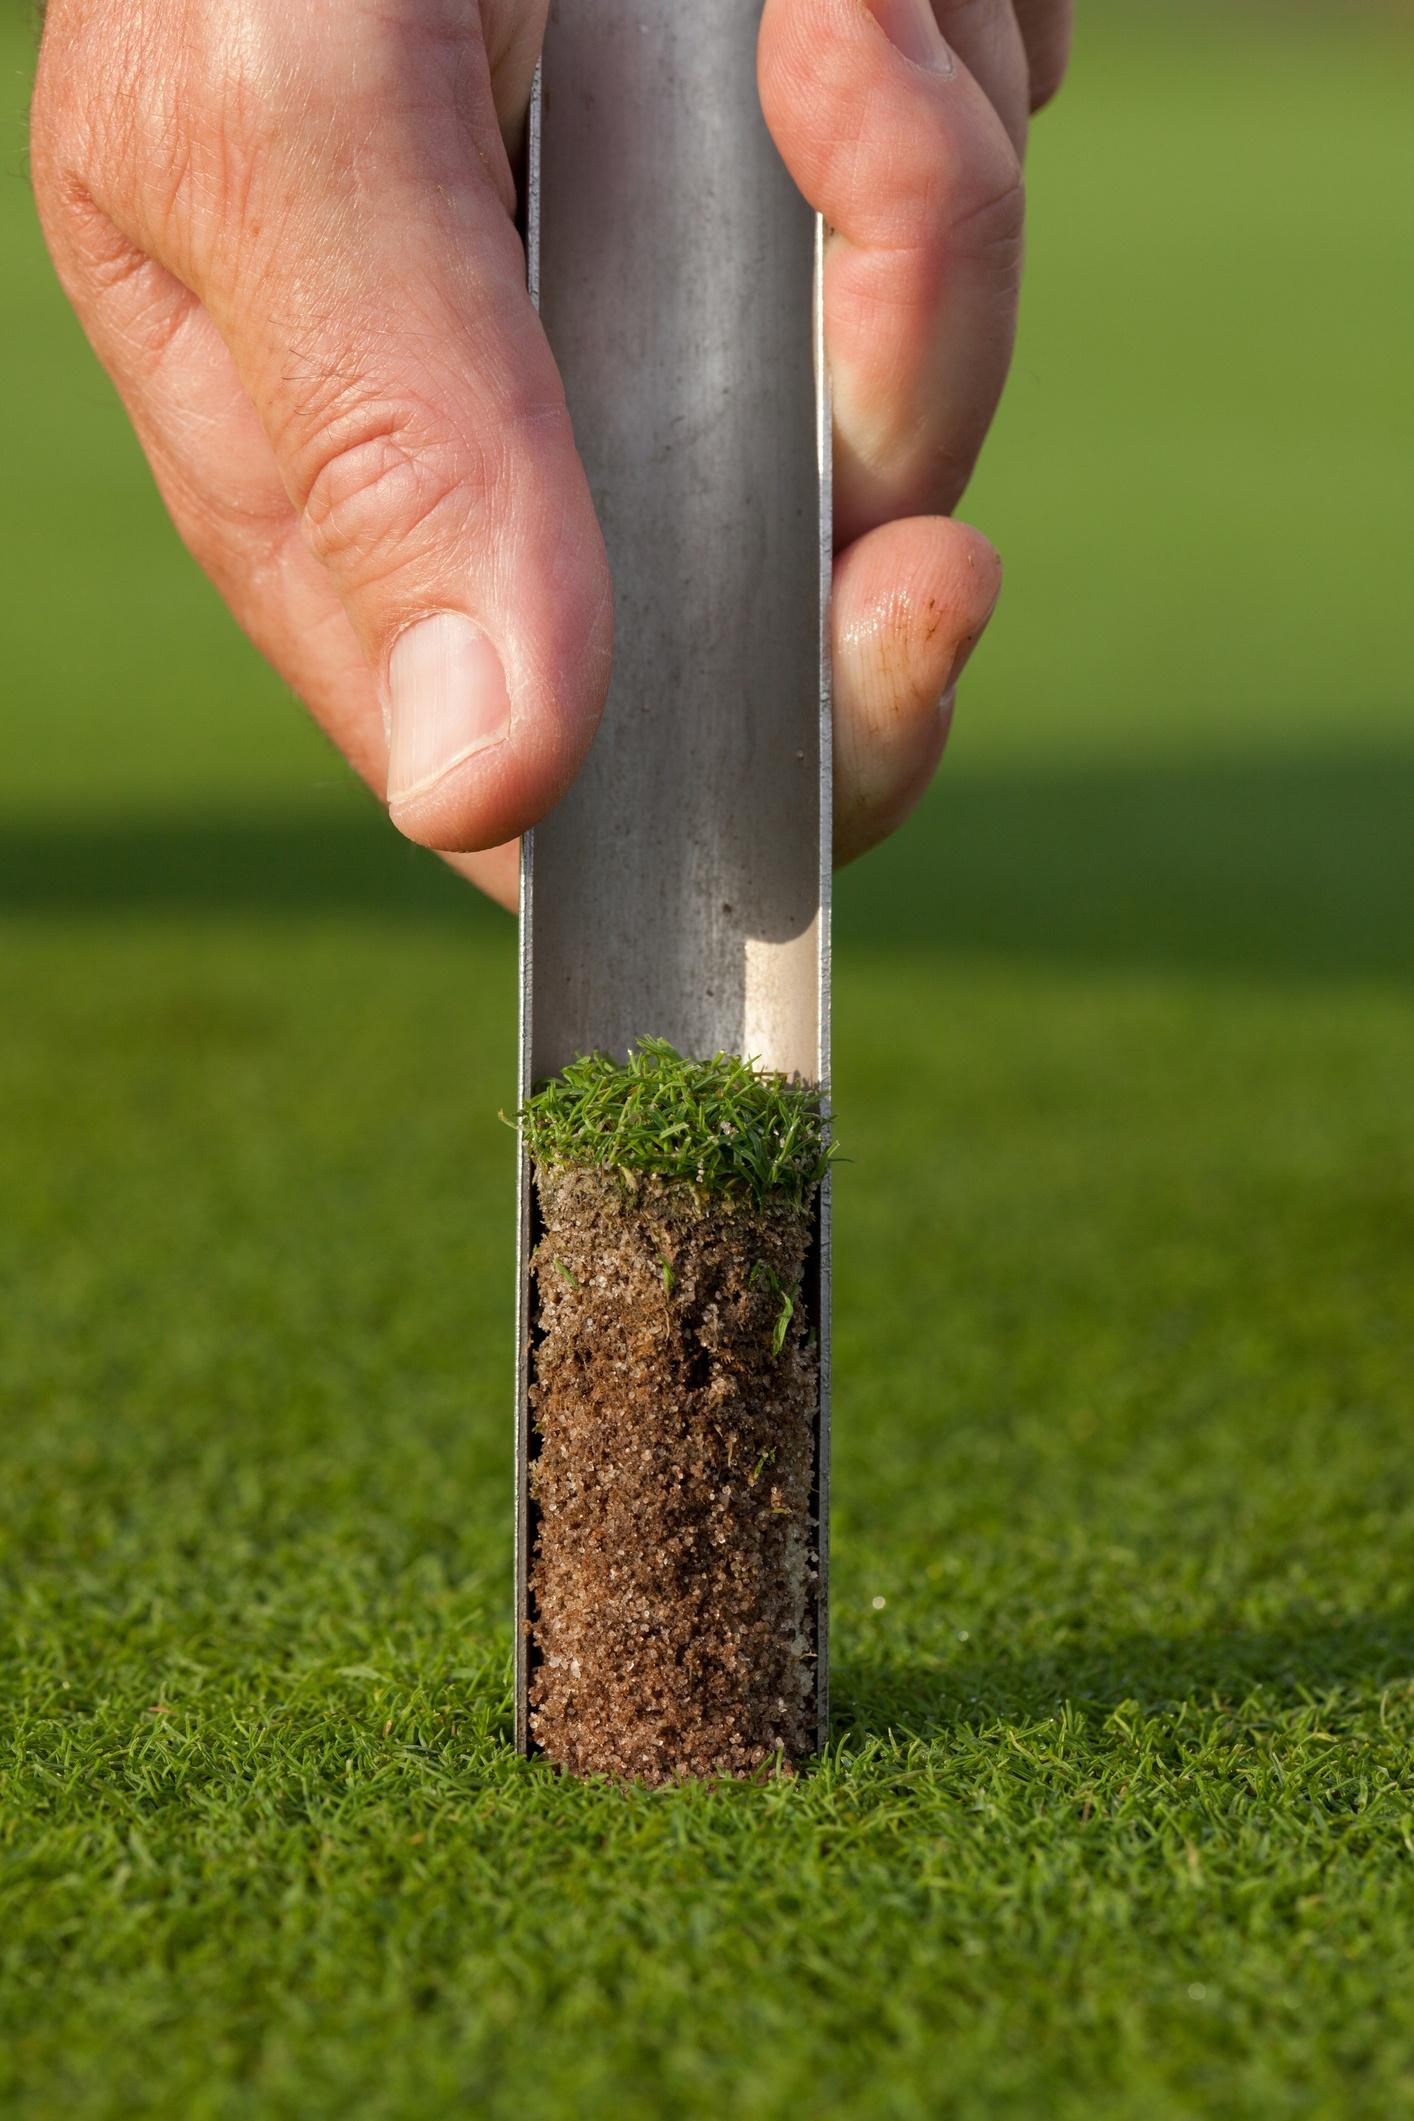 DIY-Soil-Sample-How-To.jpg